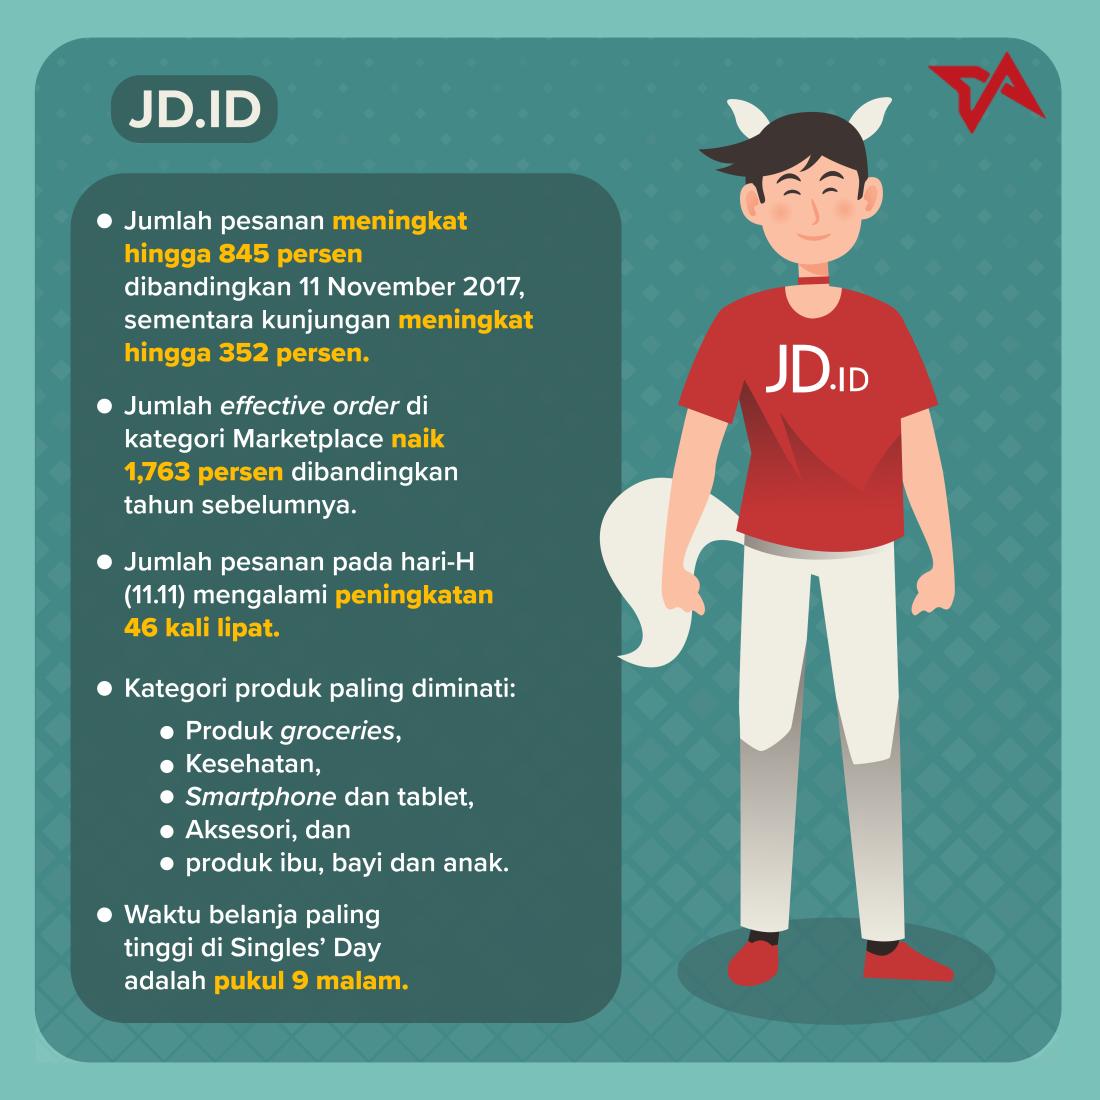 11.11 - Infografik JD.ID